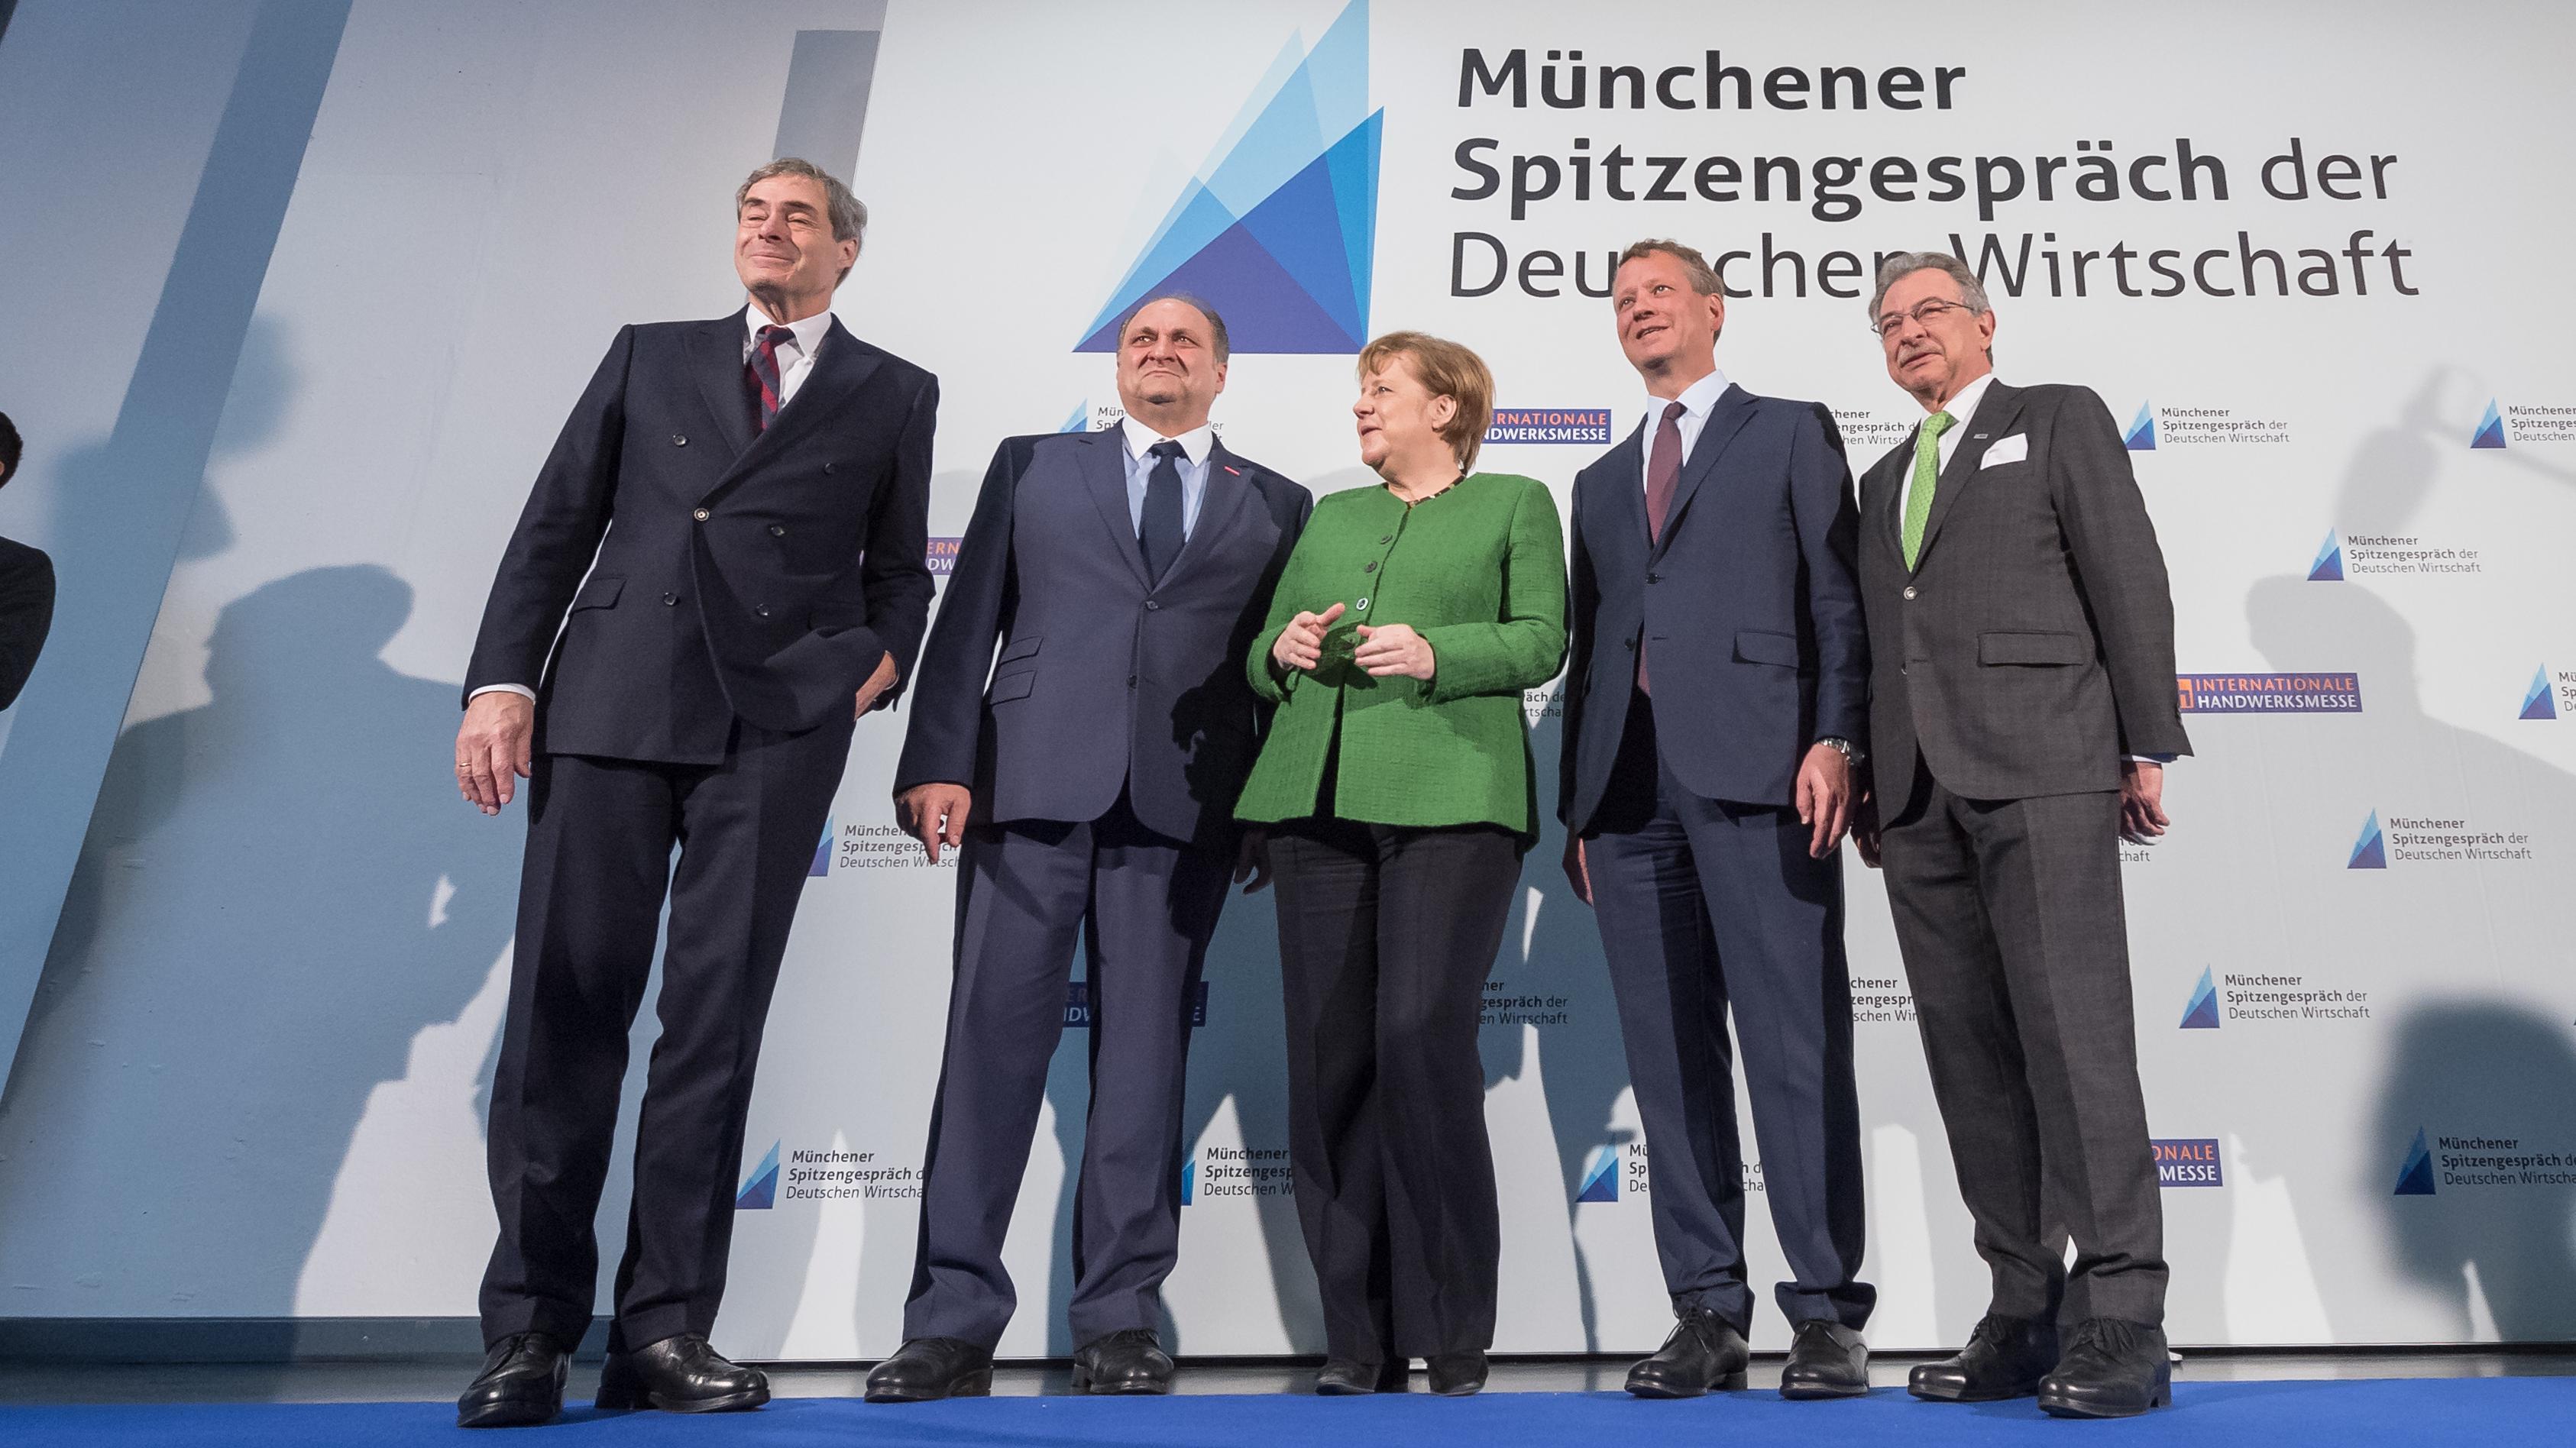 Spitzengespräch der Deutschen Wirtschaft mit Merkel 2019